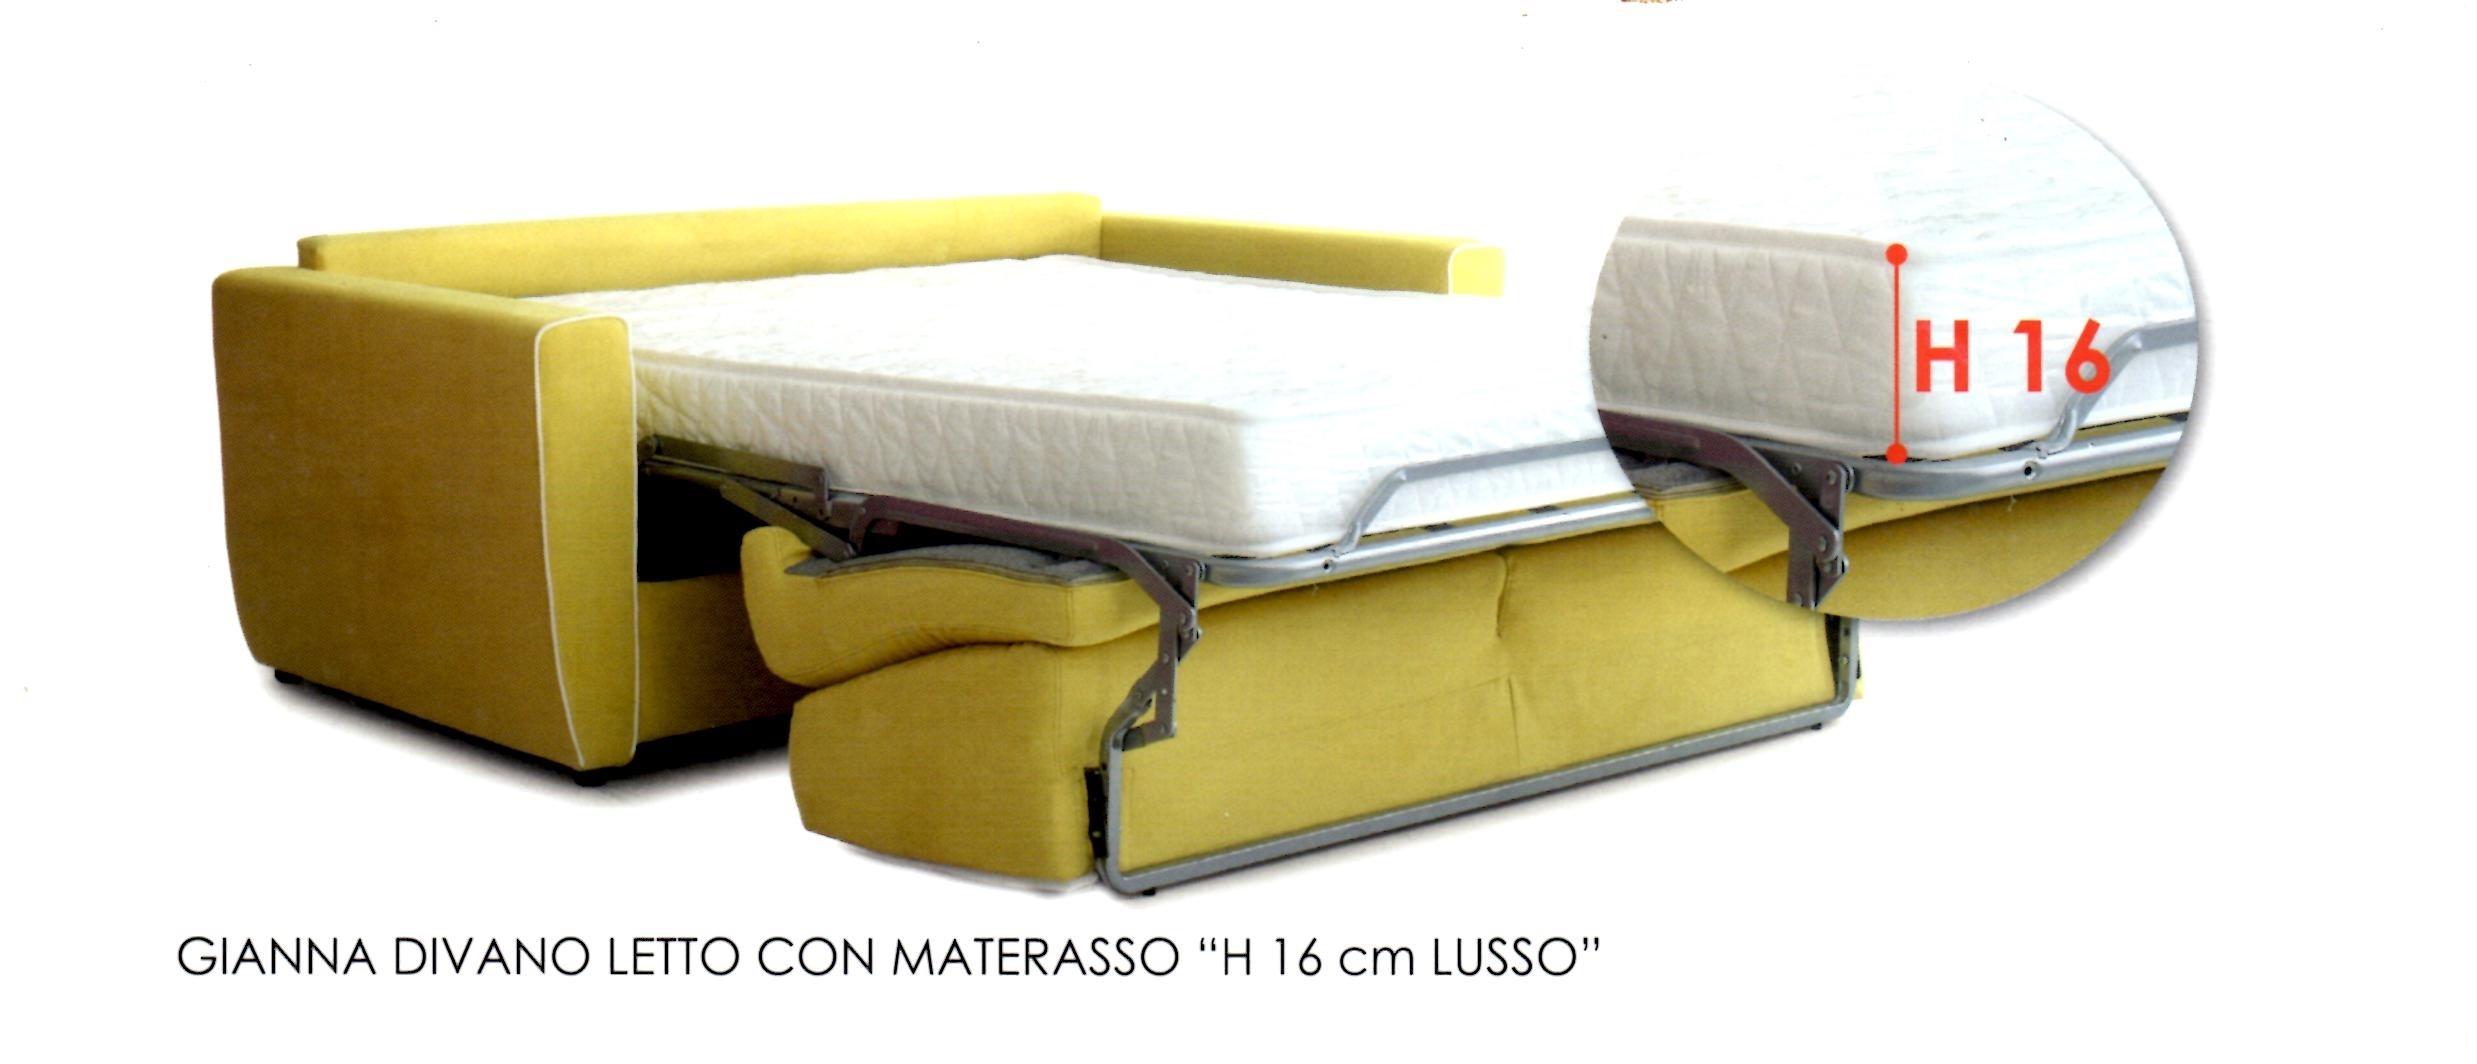 Divano letto 2 posti scontato 50 divani a prezzi scontati - Divano letto 2 posti ...